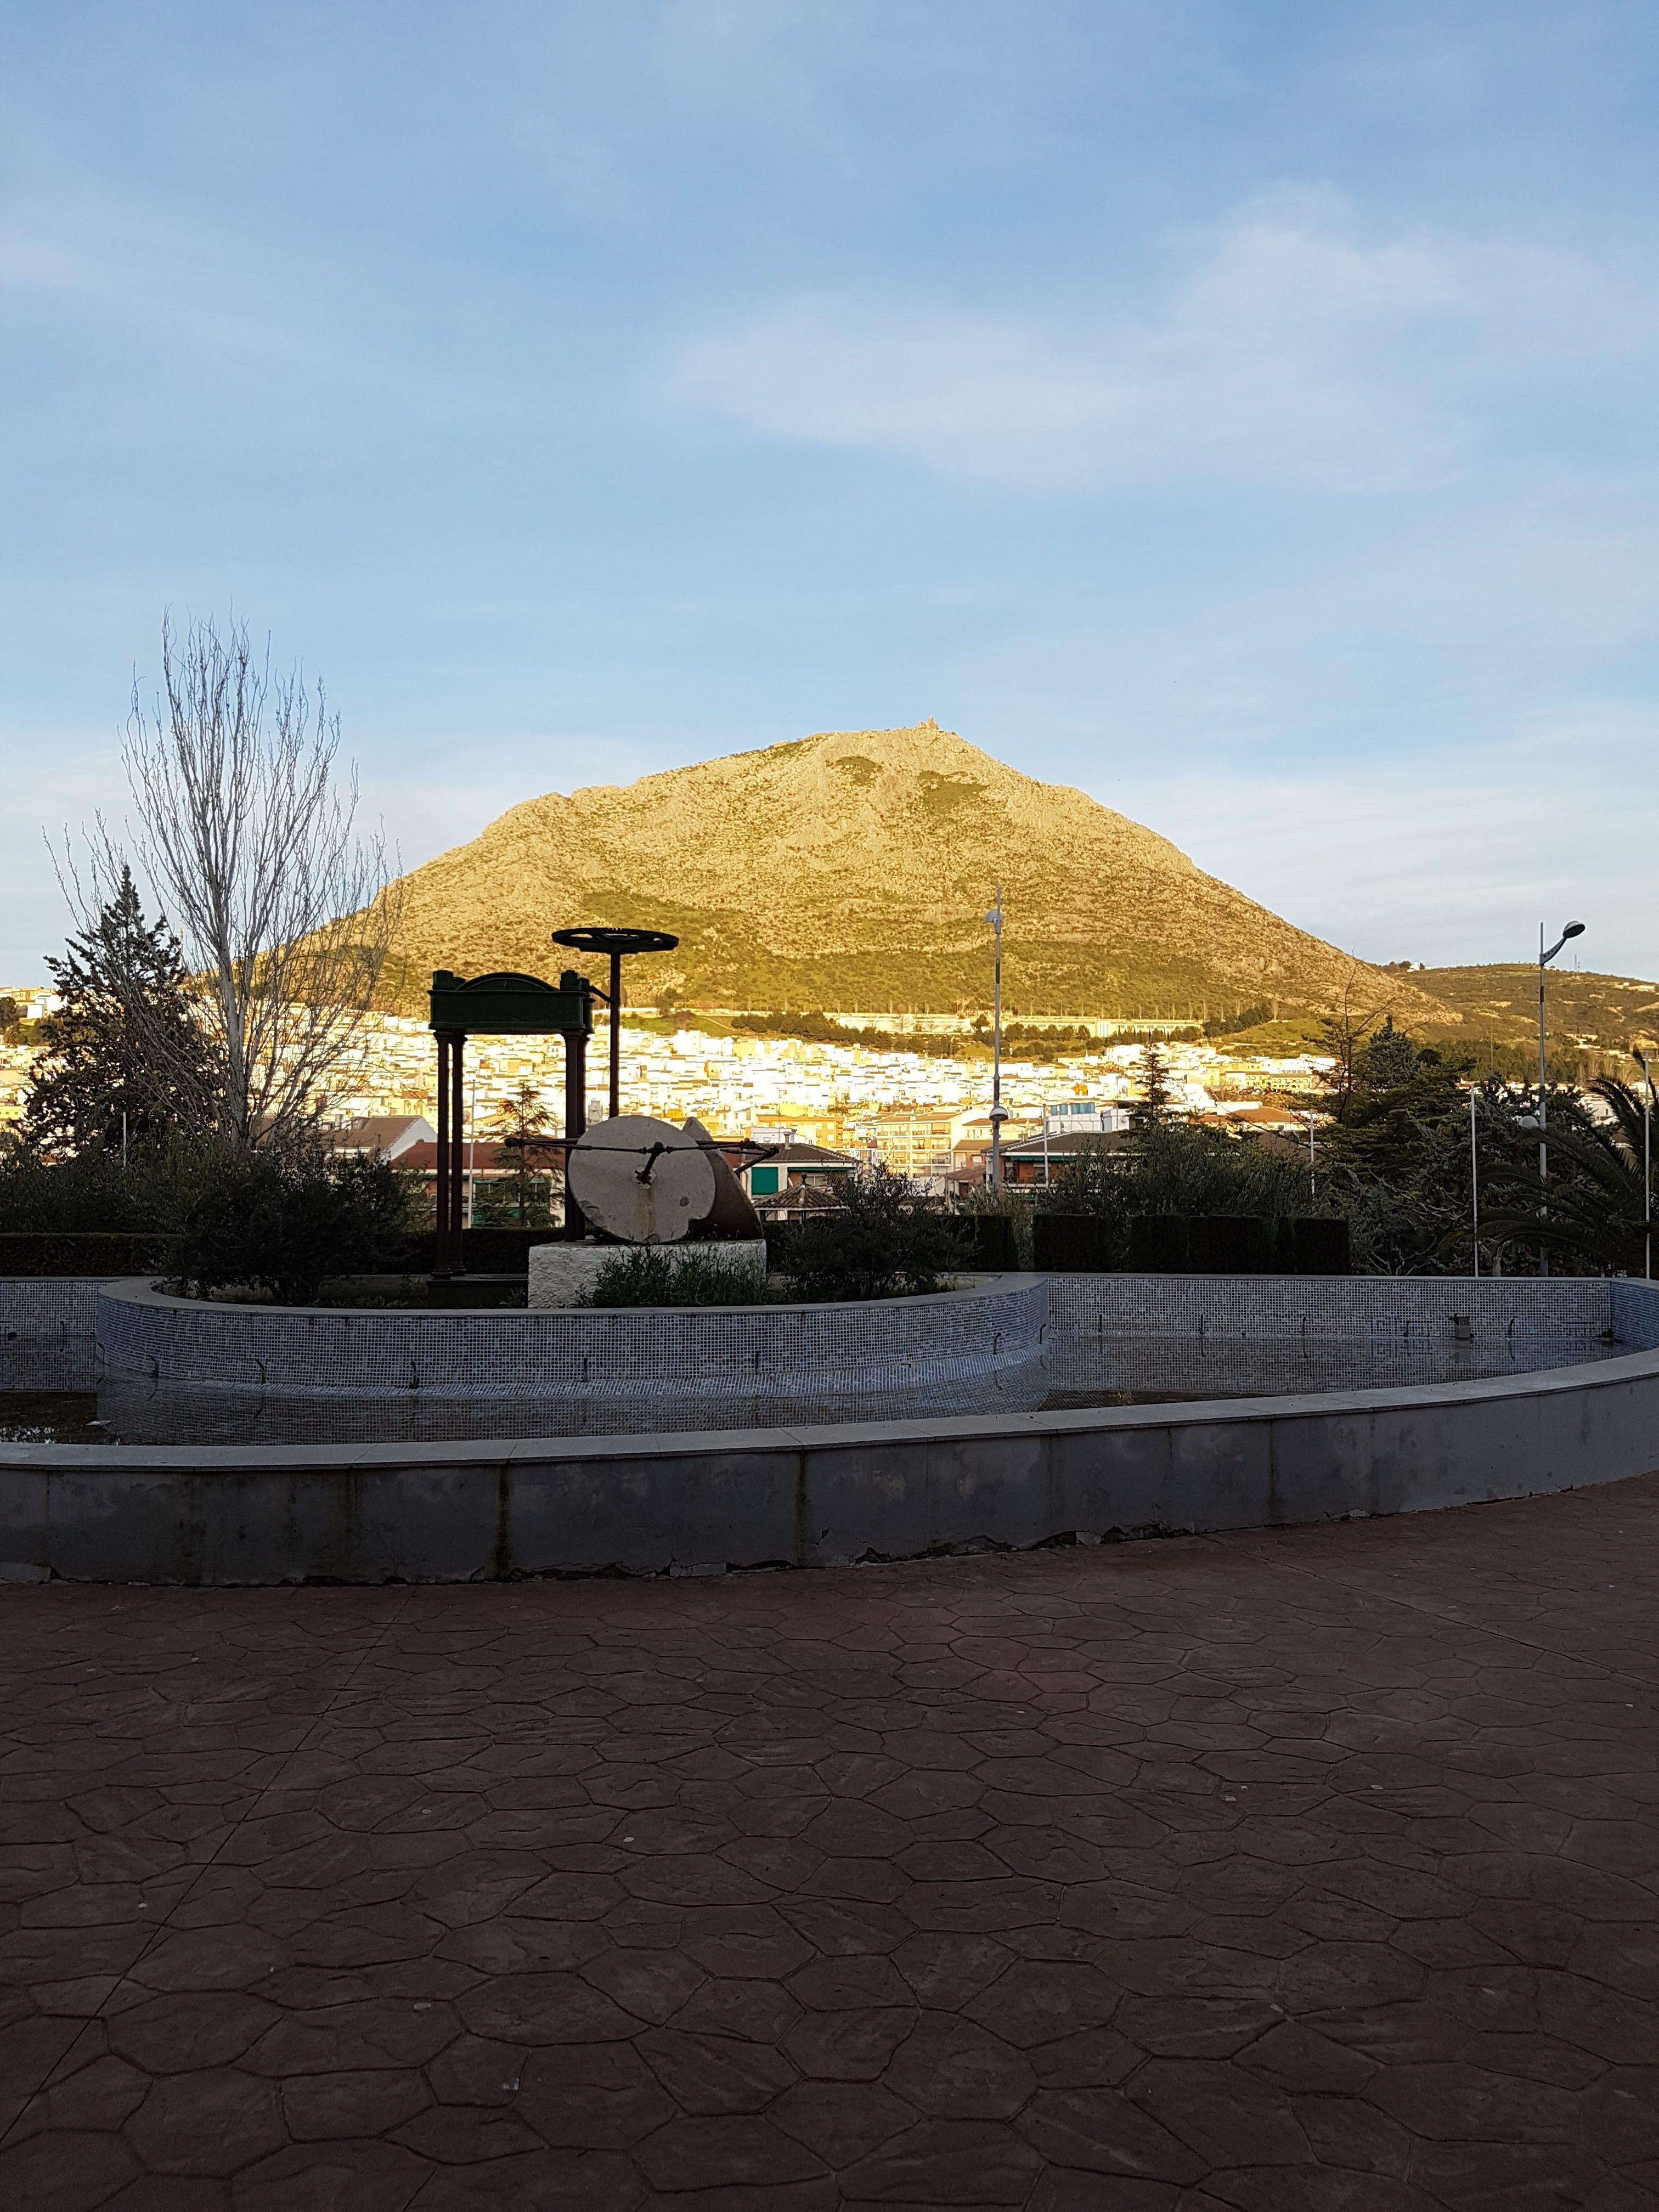 una vista de la peña desde el parque infantil